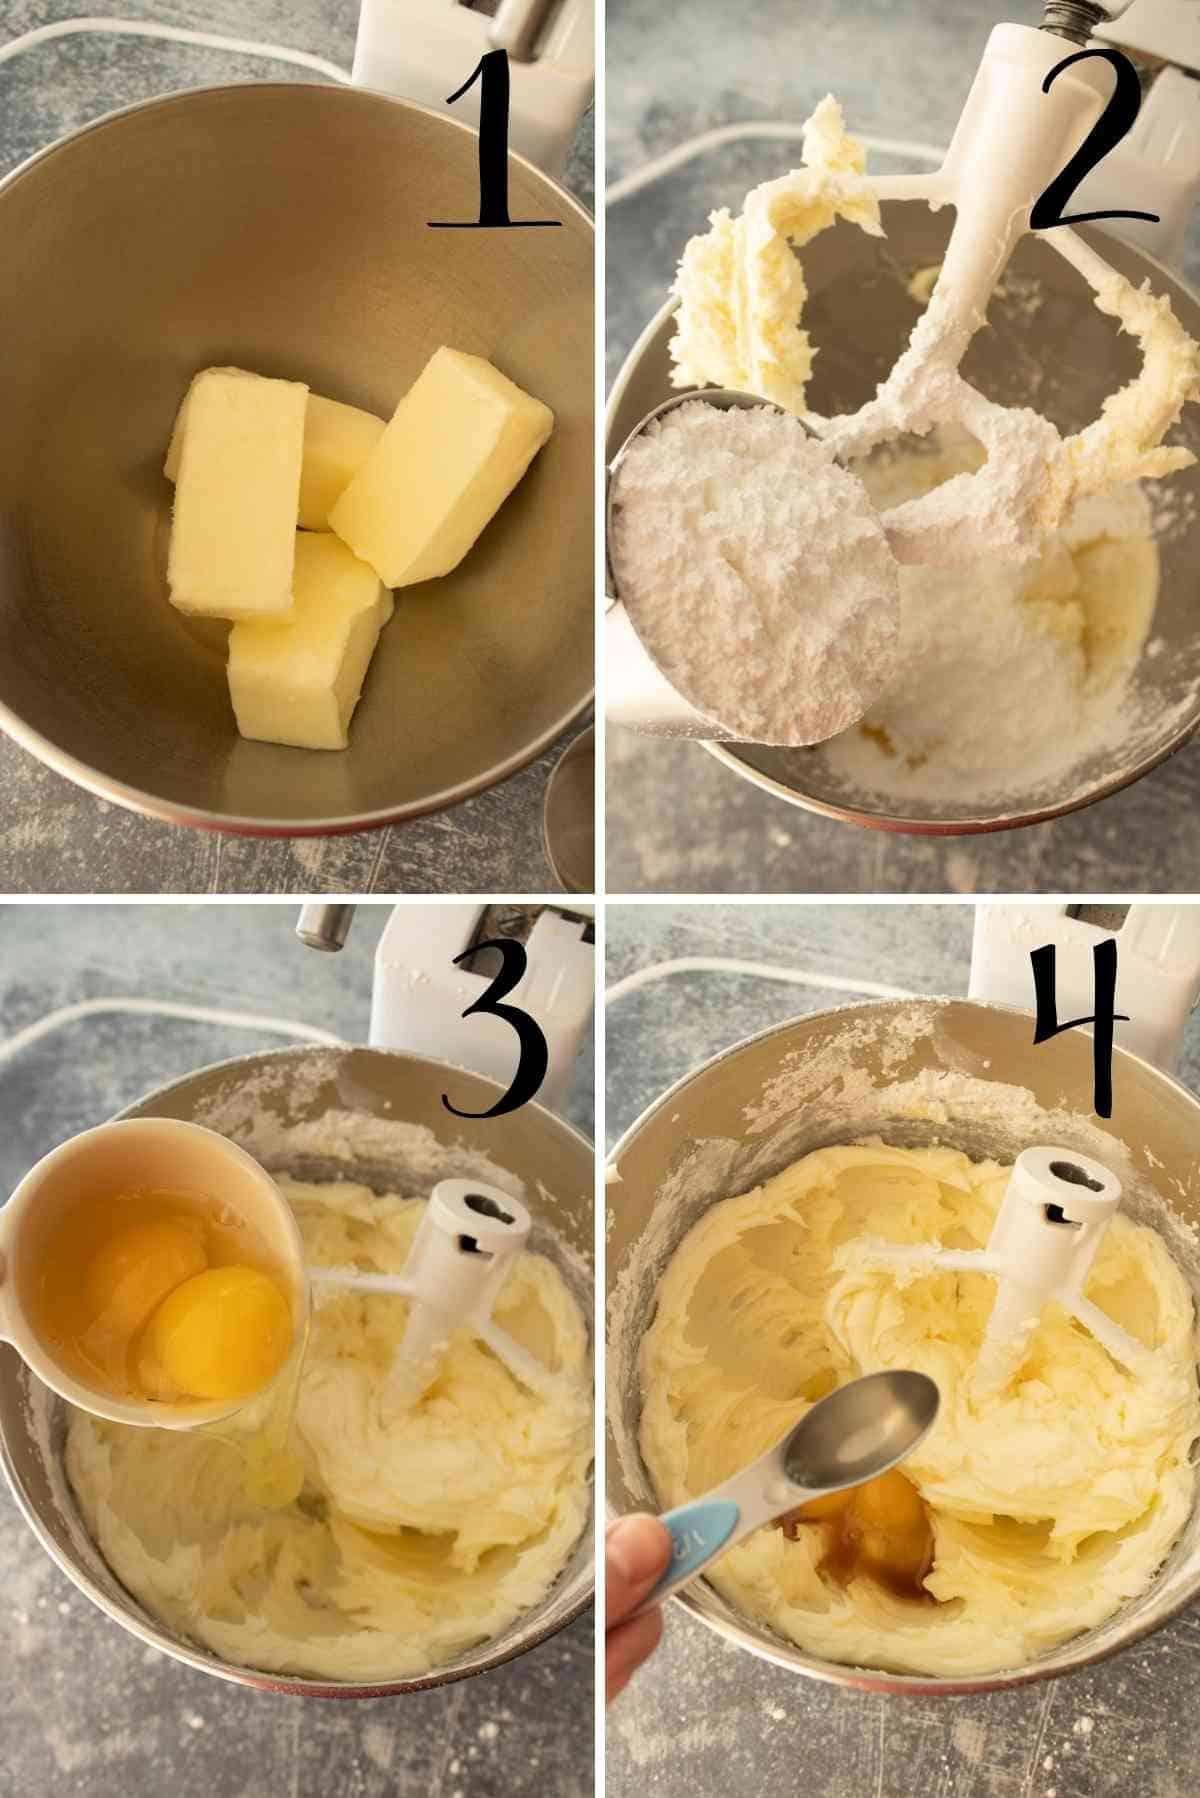 Cream butter, sugar, eggs and vanilla.